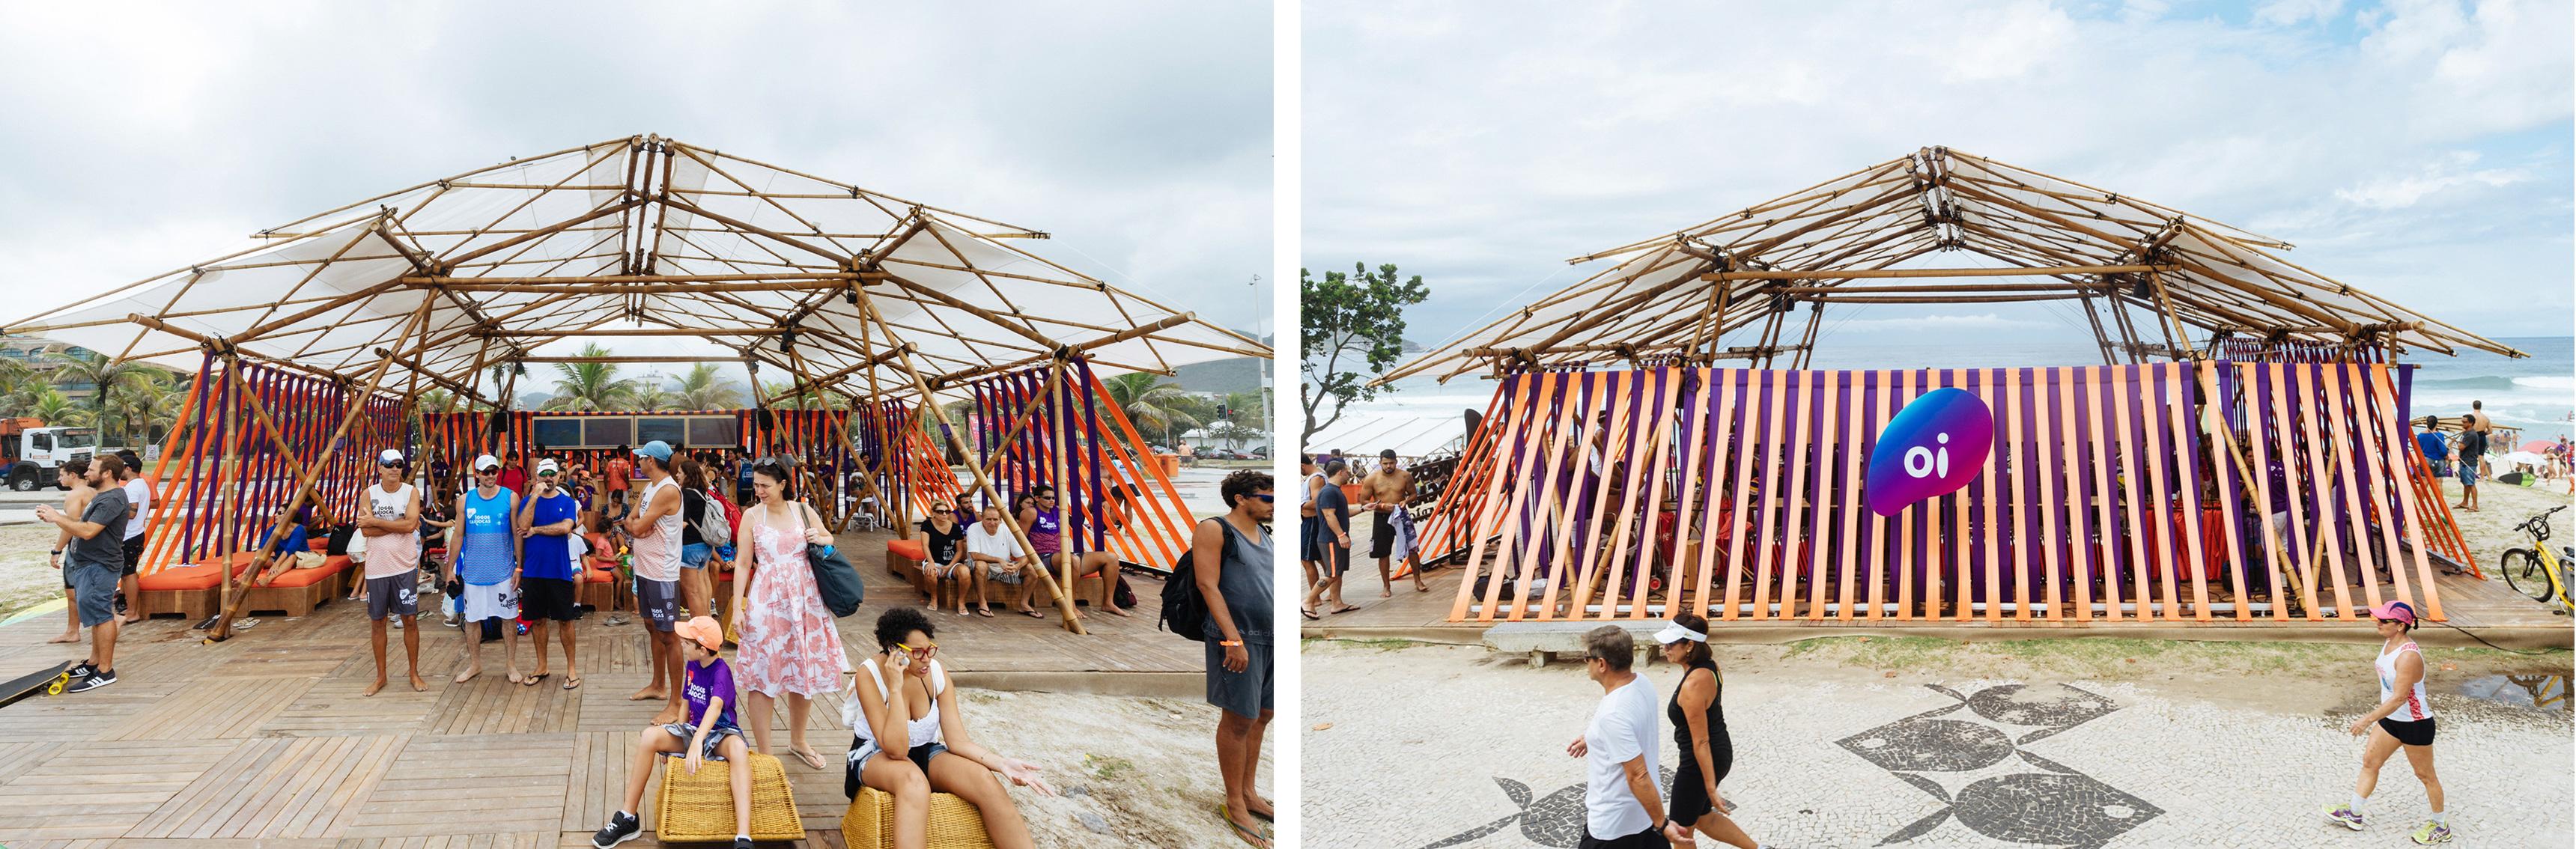 Estruturas-de-bambu-Bamboo-structures-12.jpg